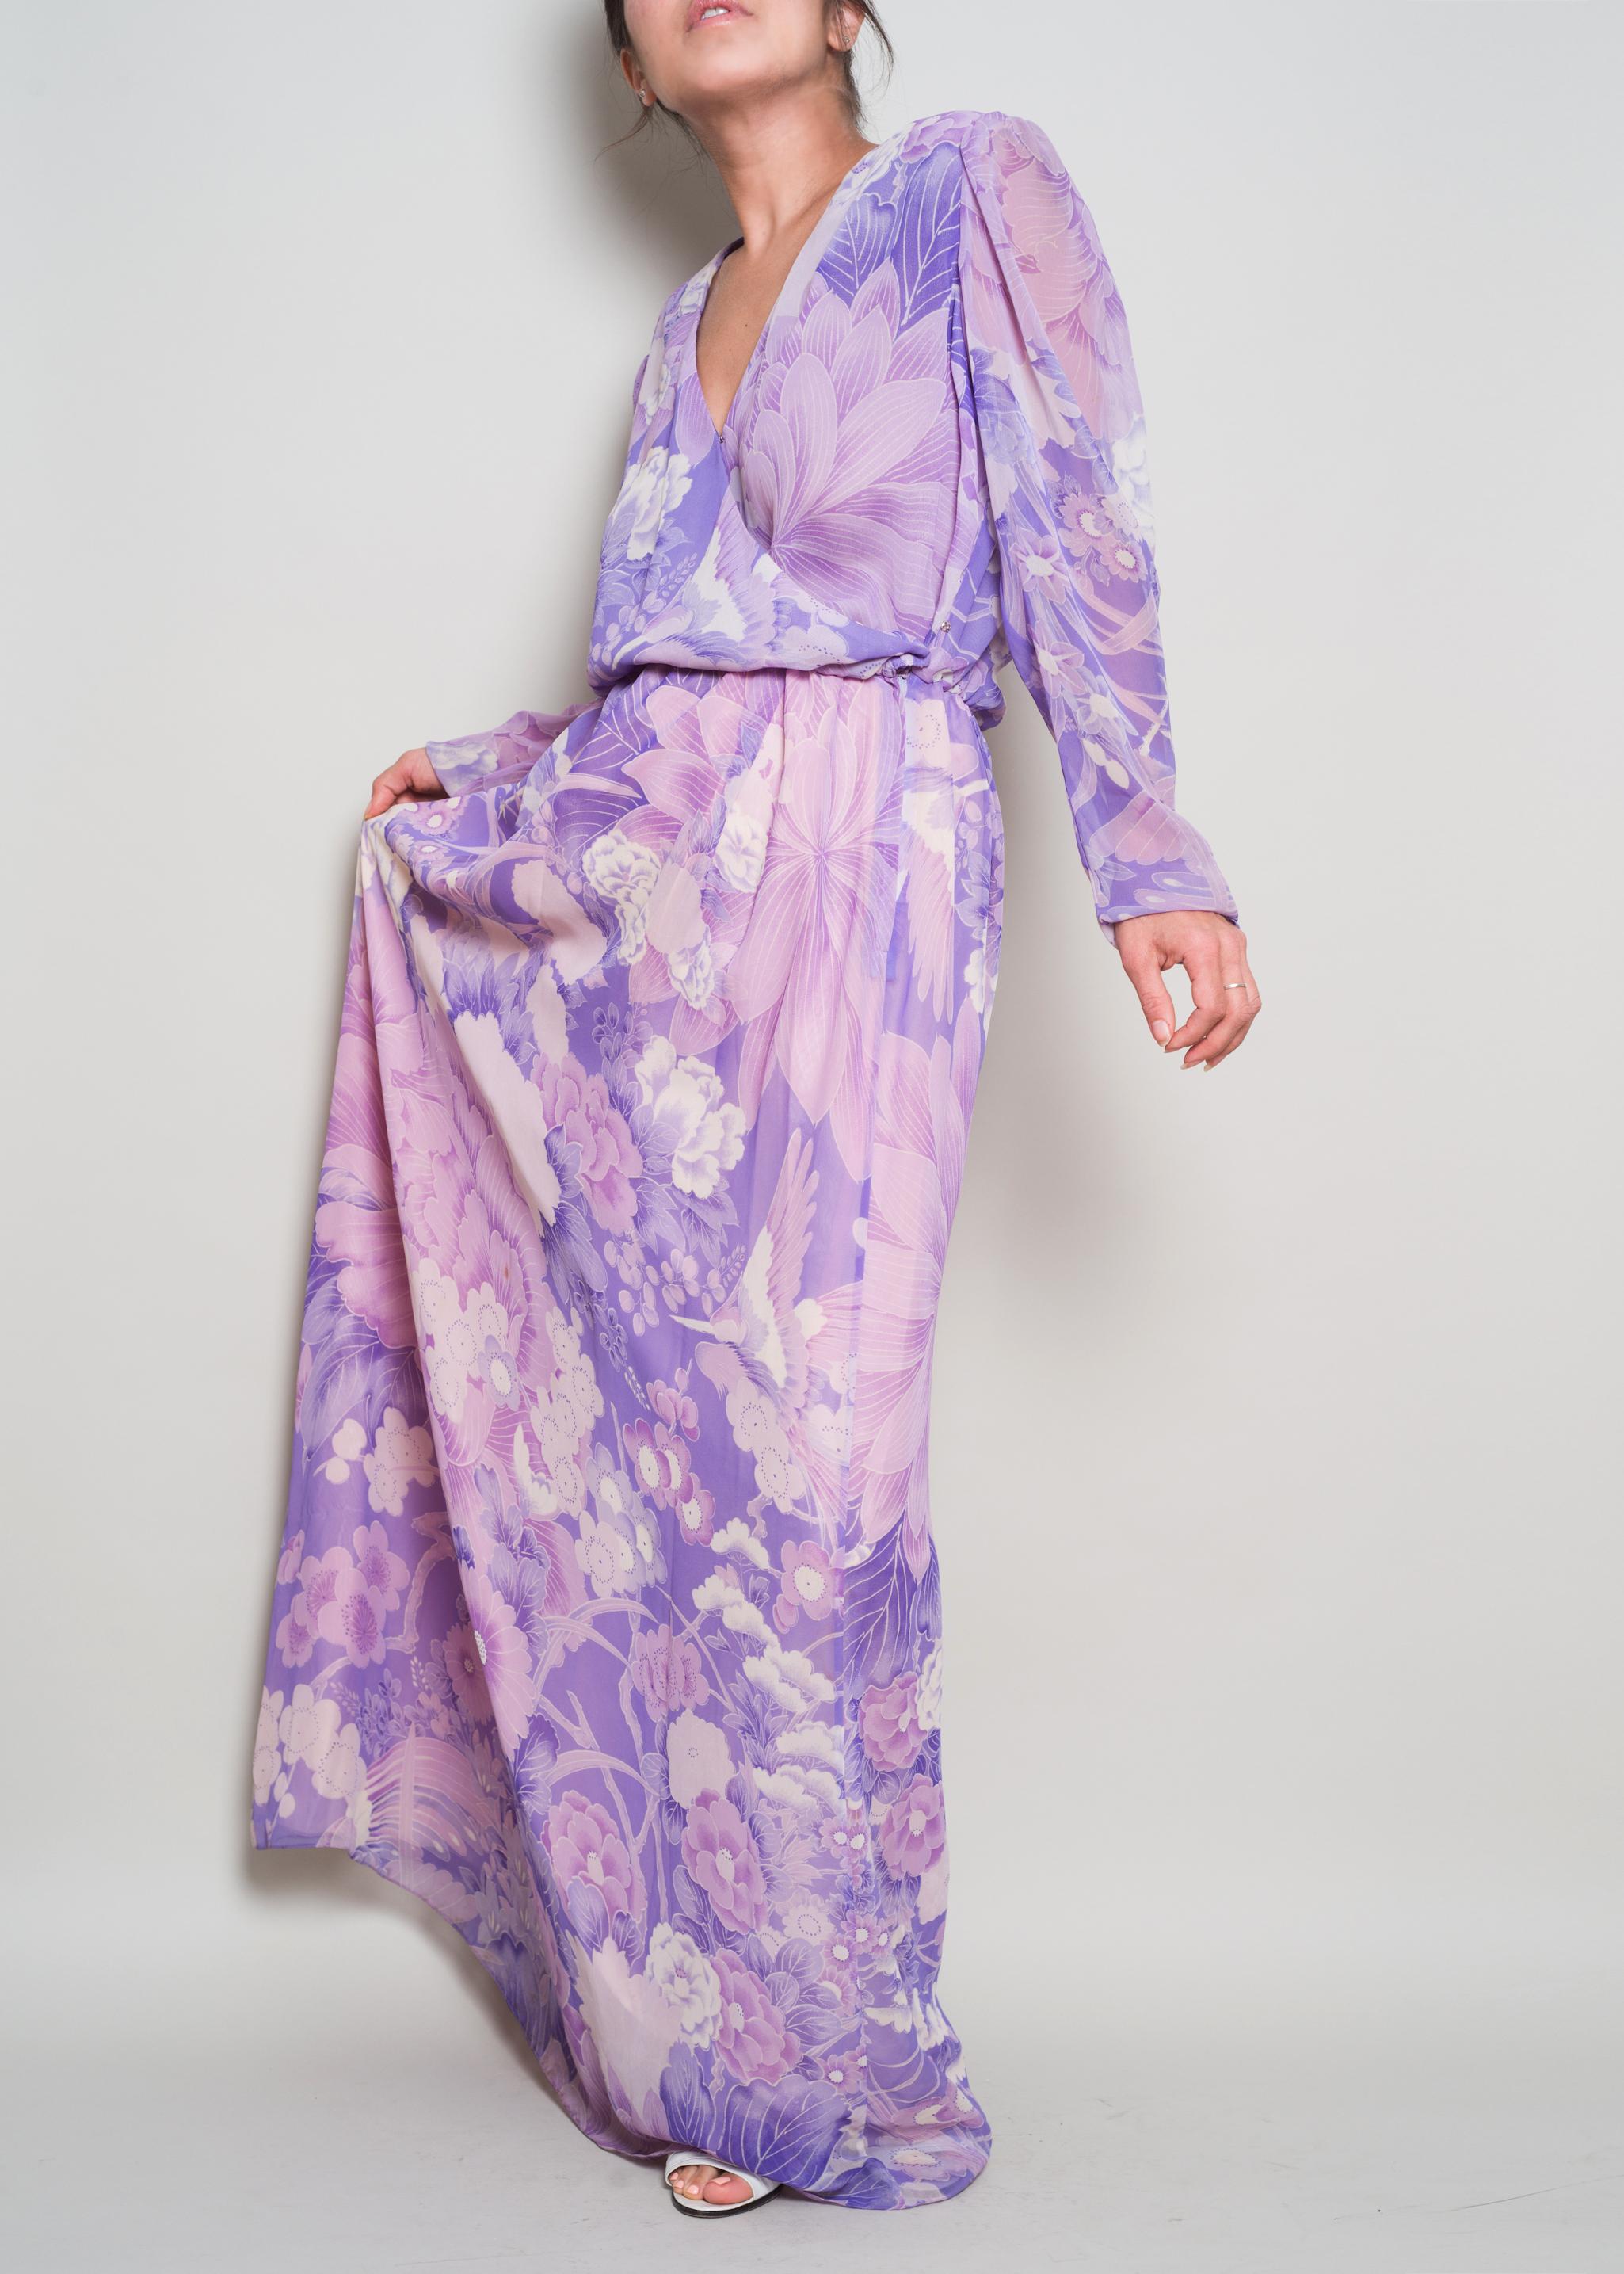 f91805177d 1980s   HANAE MORI   Violet Floral Chiffon Maxi Dress   M.  A Part of the rest vintage 1970s Hanae Mori Violet Chiffon Floral Maxi002.jpg